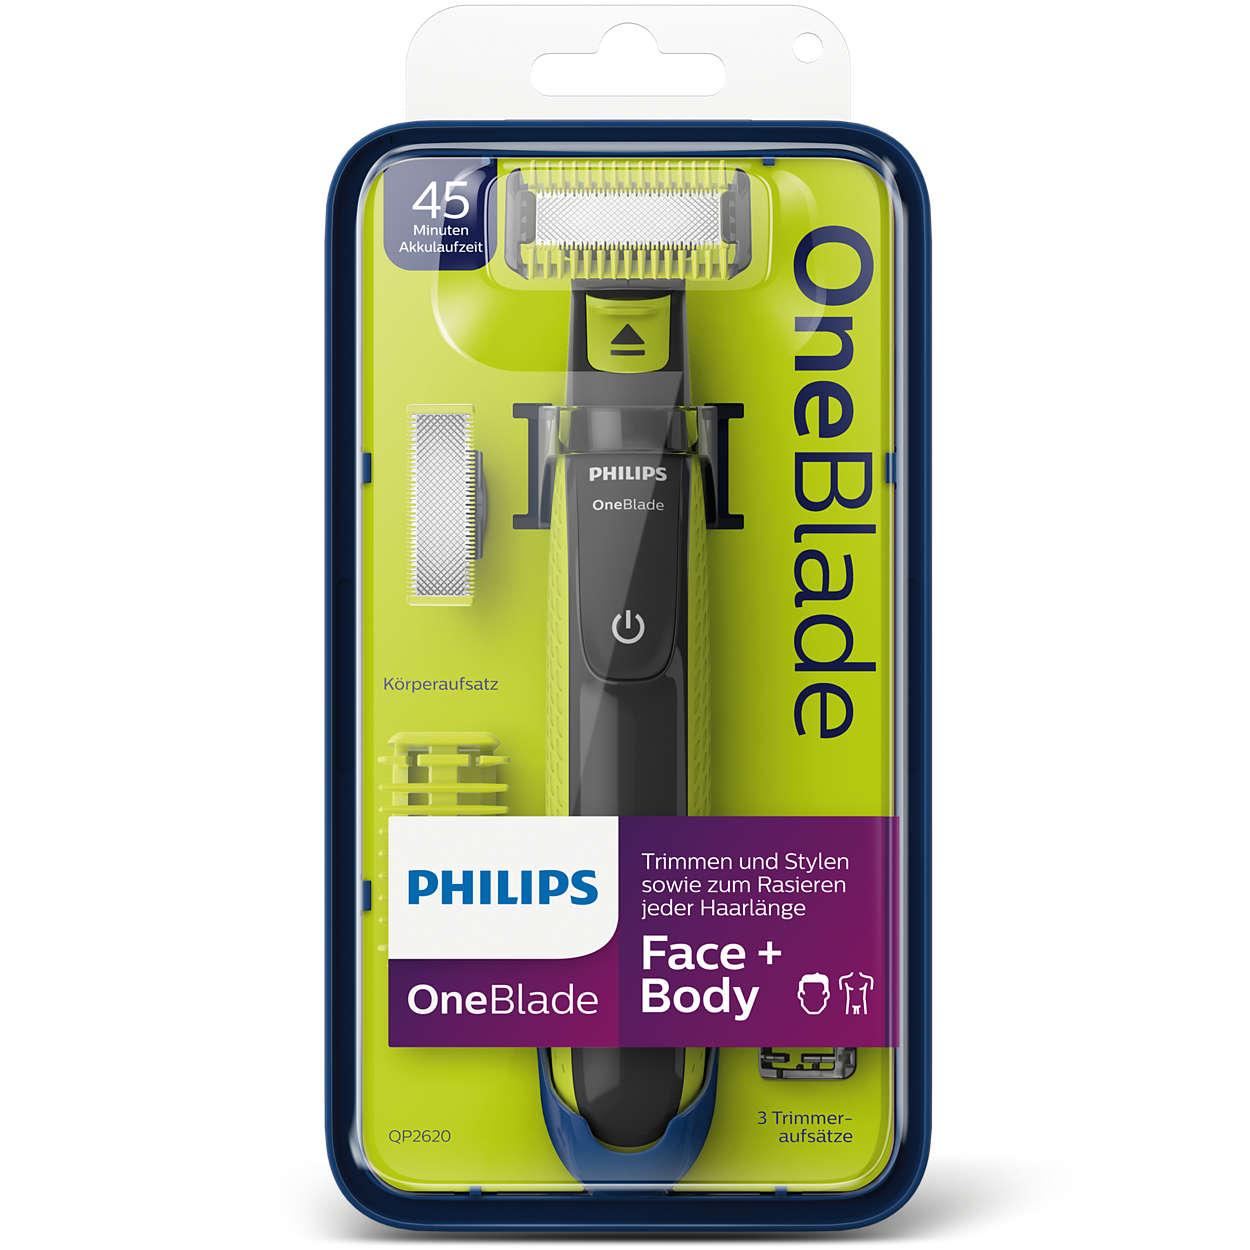 Tondeuse Philips Oneblade Visage et Corps QP2620/20